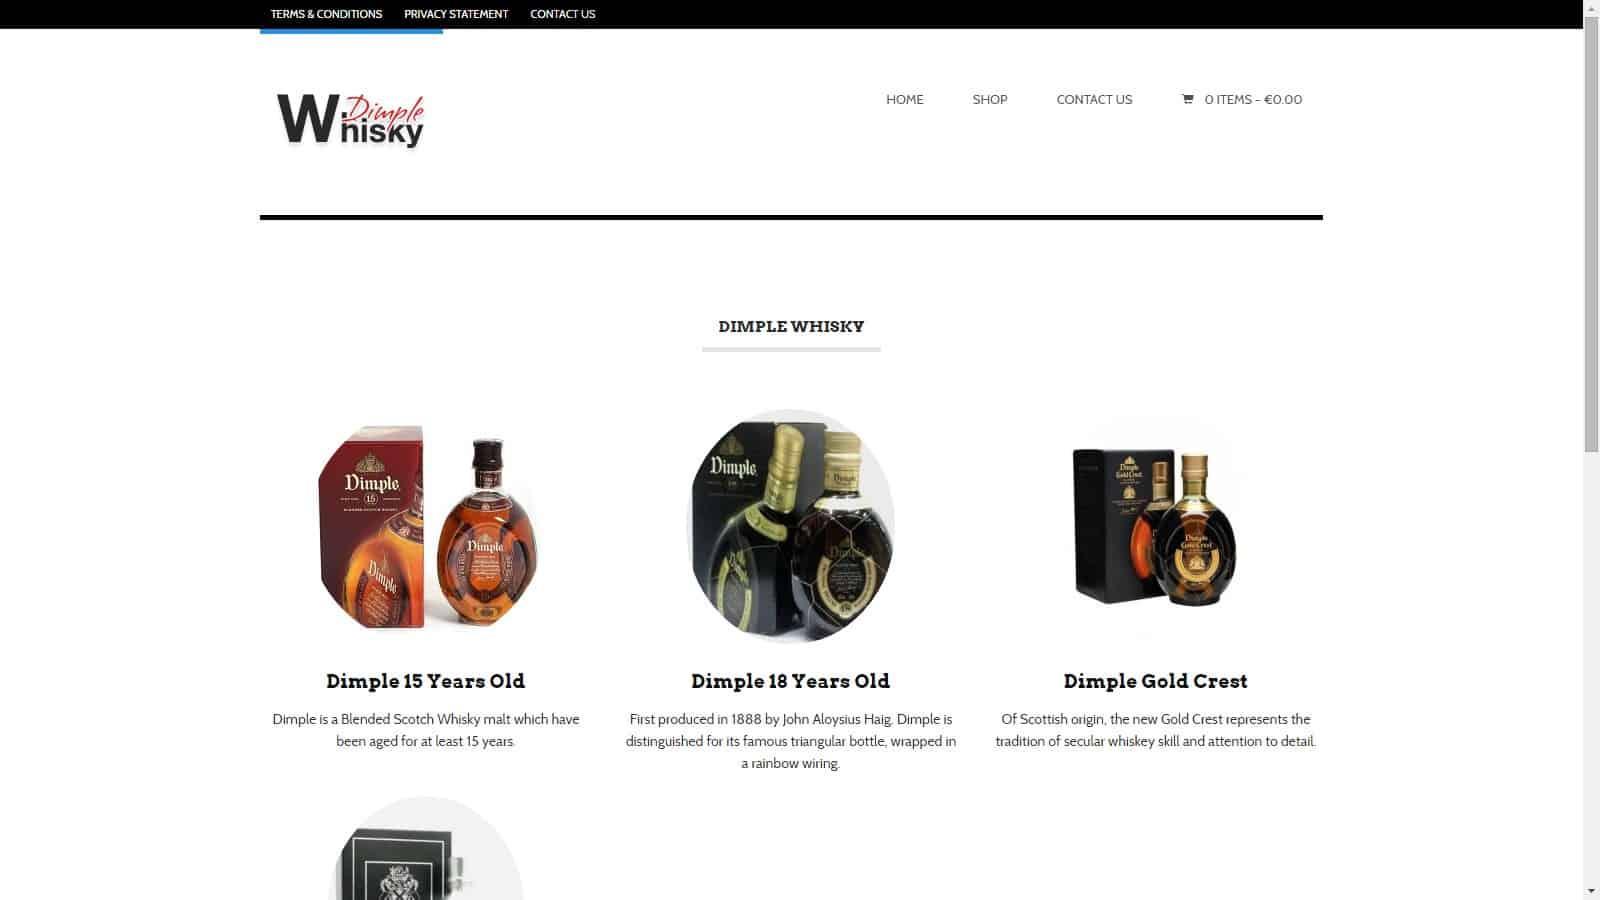 Dimplewhisky.com